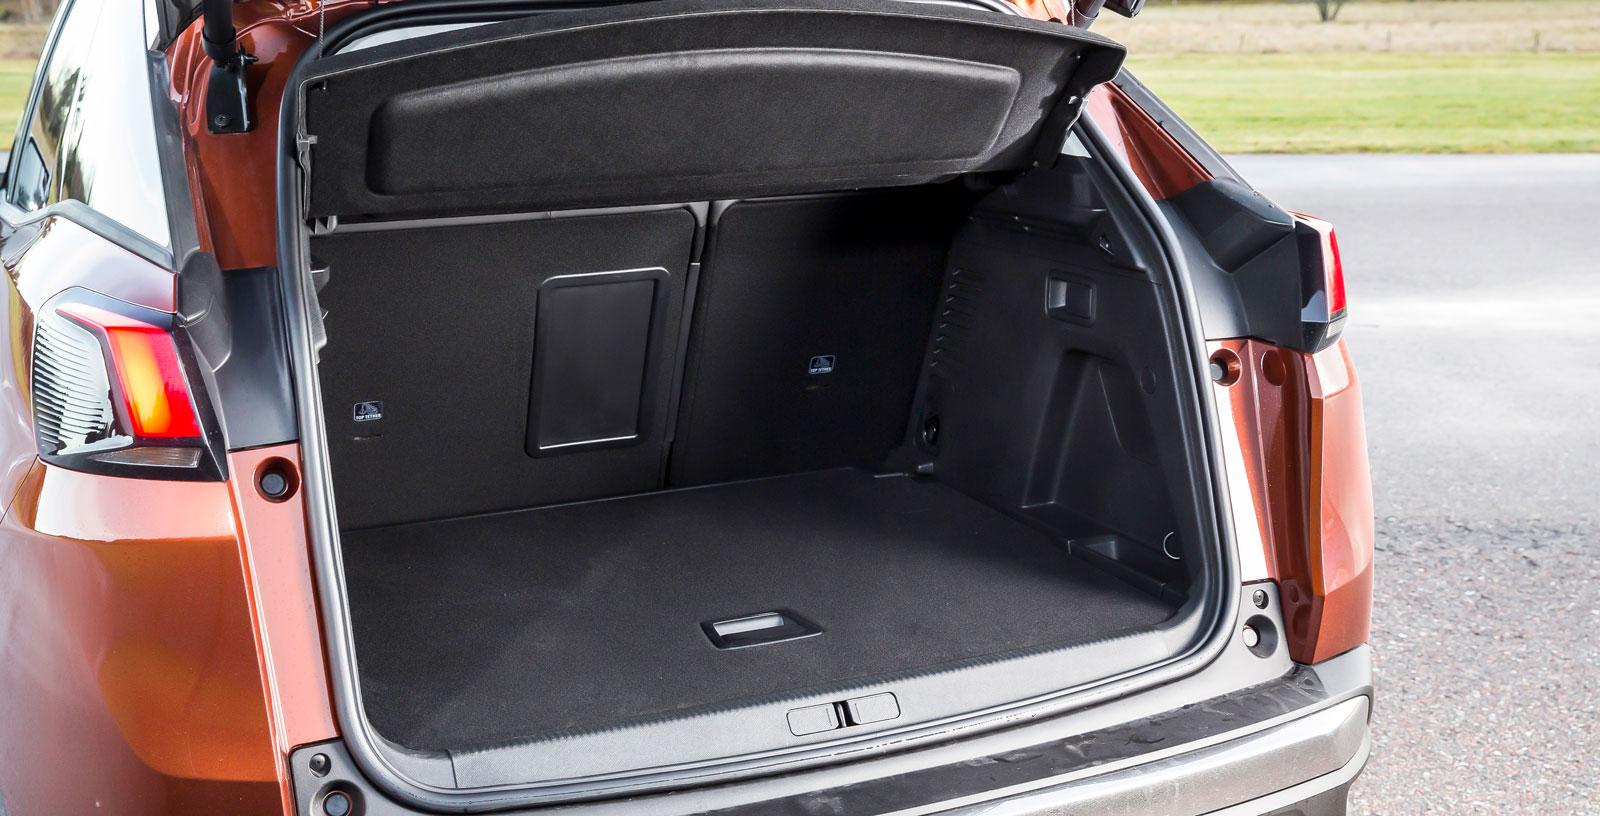 Rejält bagageutrymme med genomlastningslucka i den testade versionen. Med baksätet fällt bildas dock en tröskel.